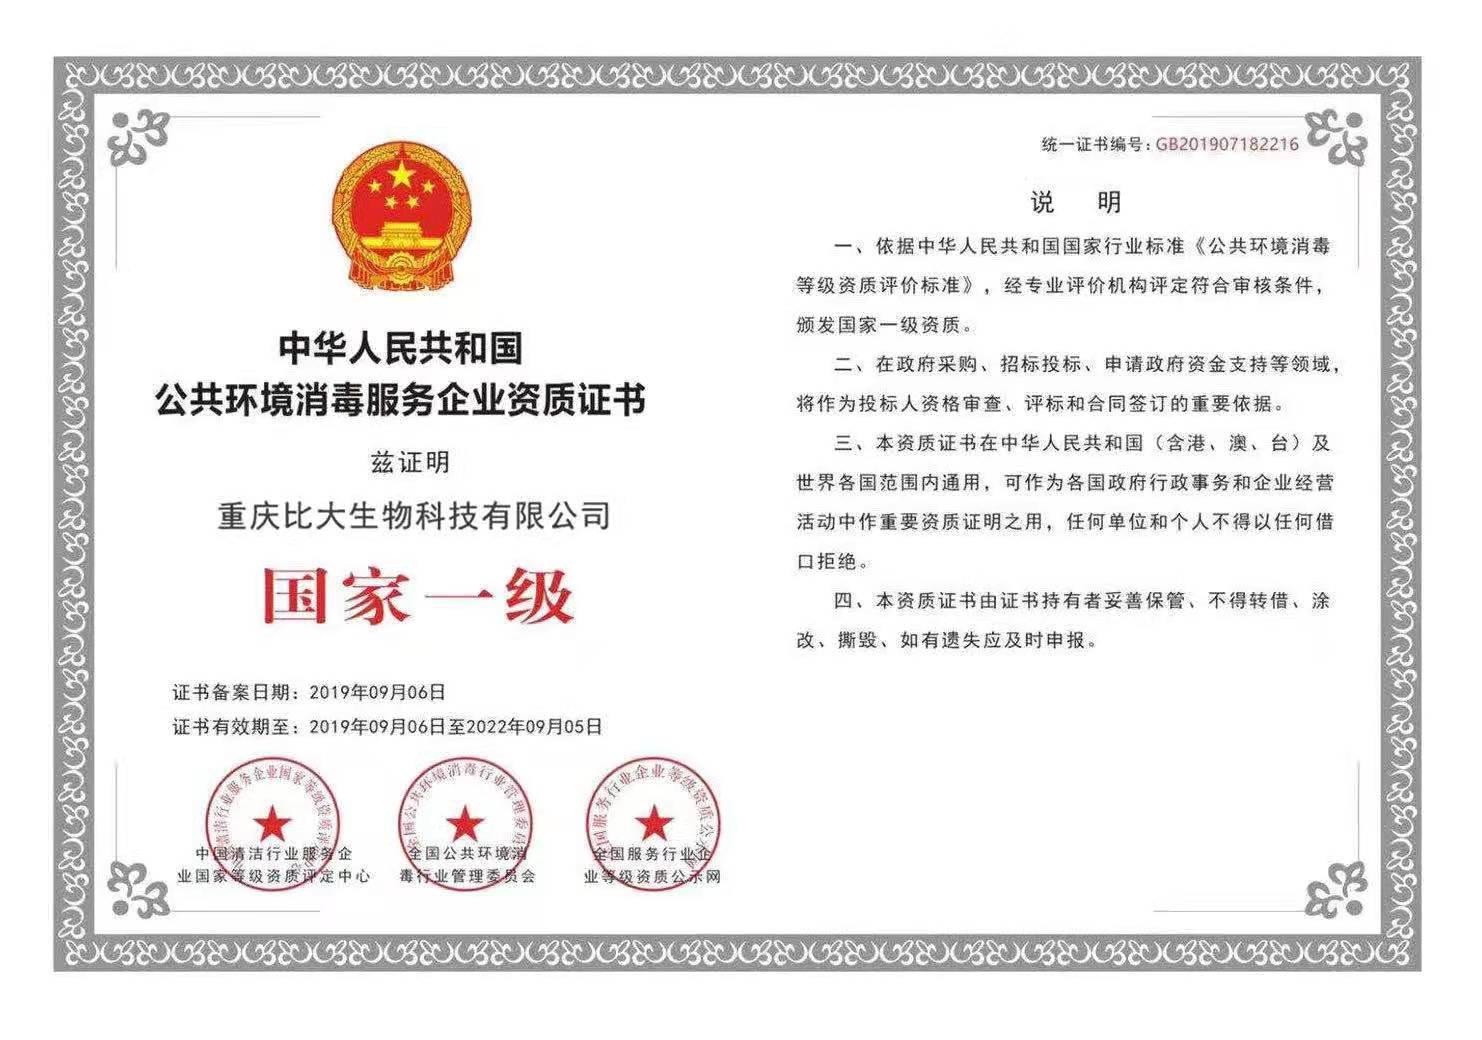 公共环境消毒服务企业资质证书